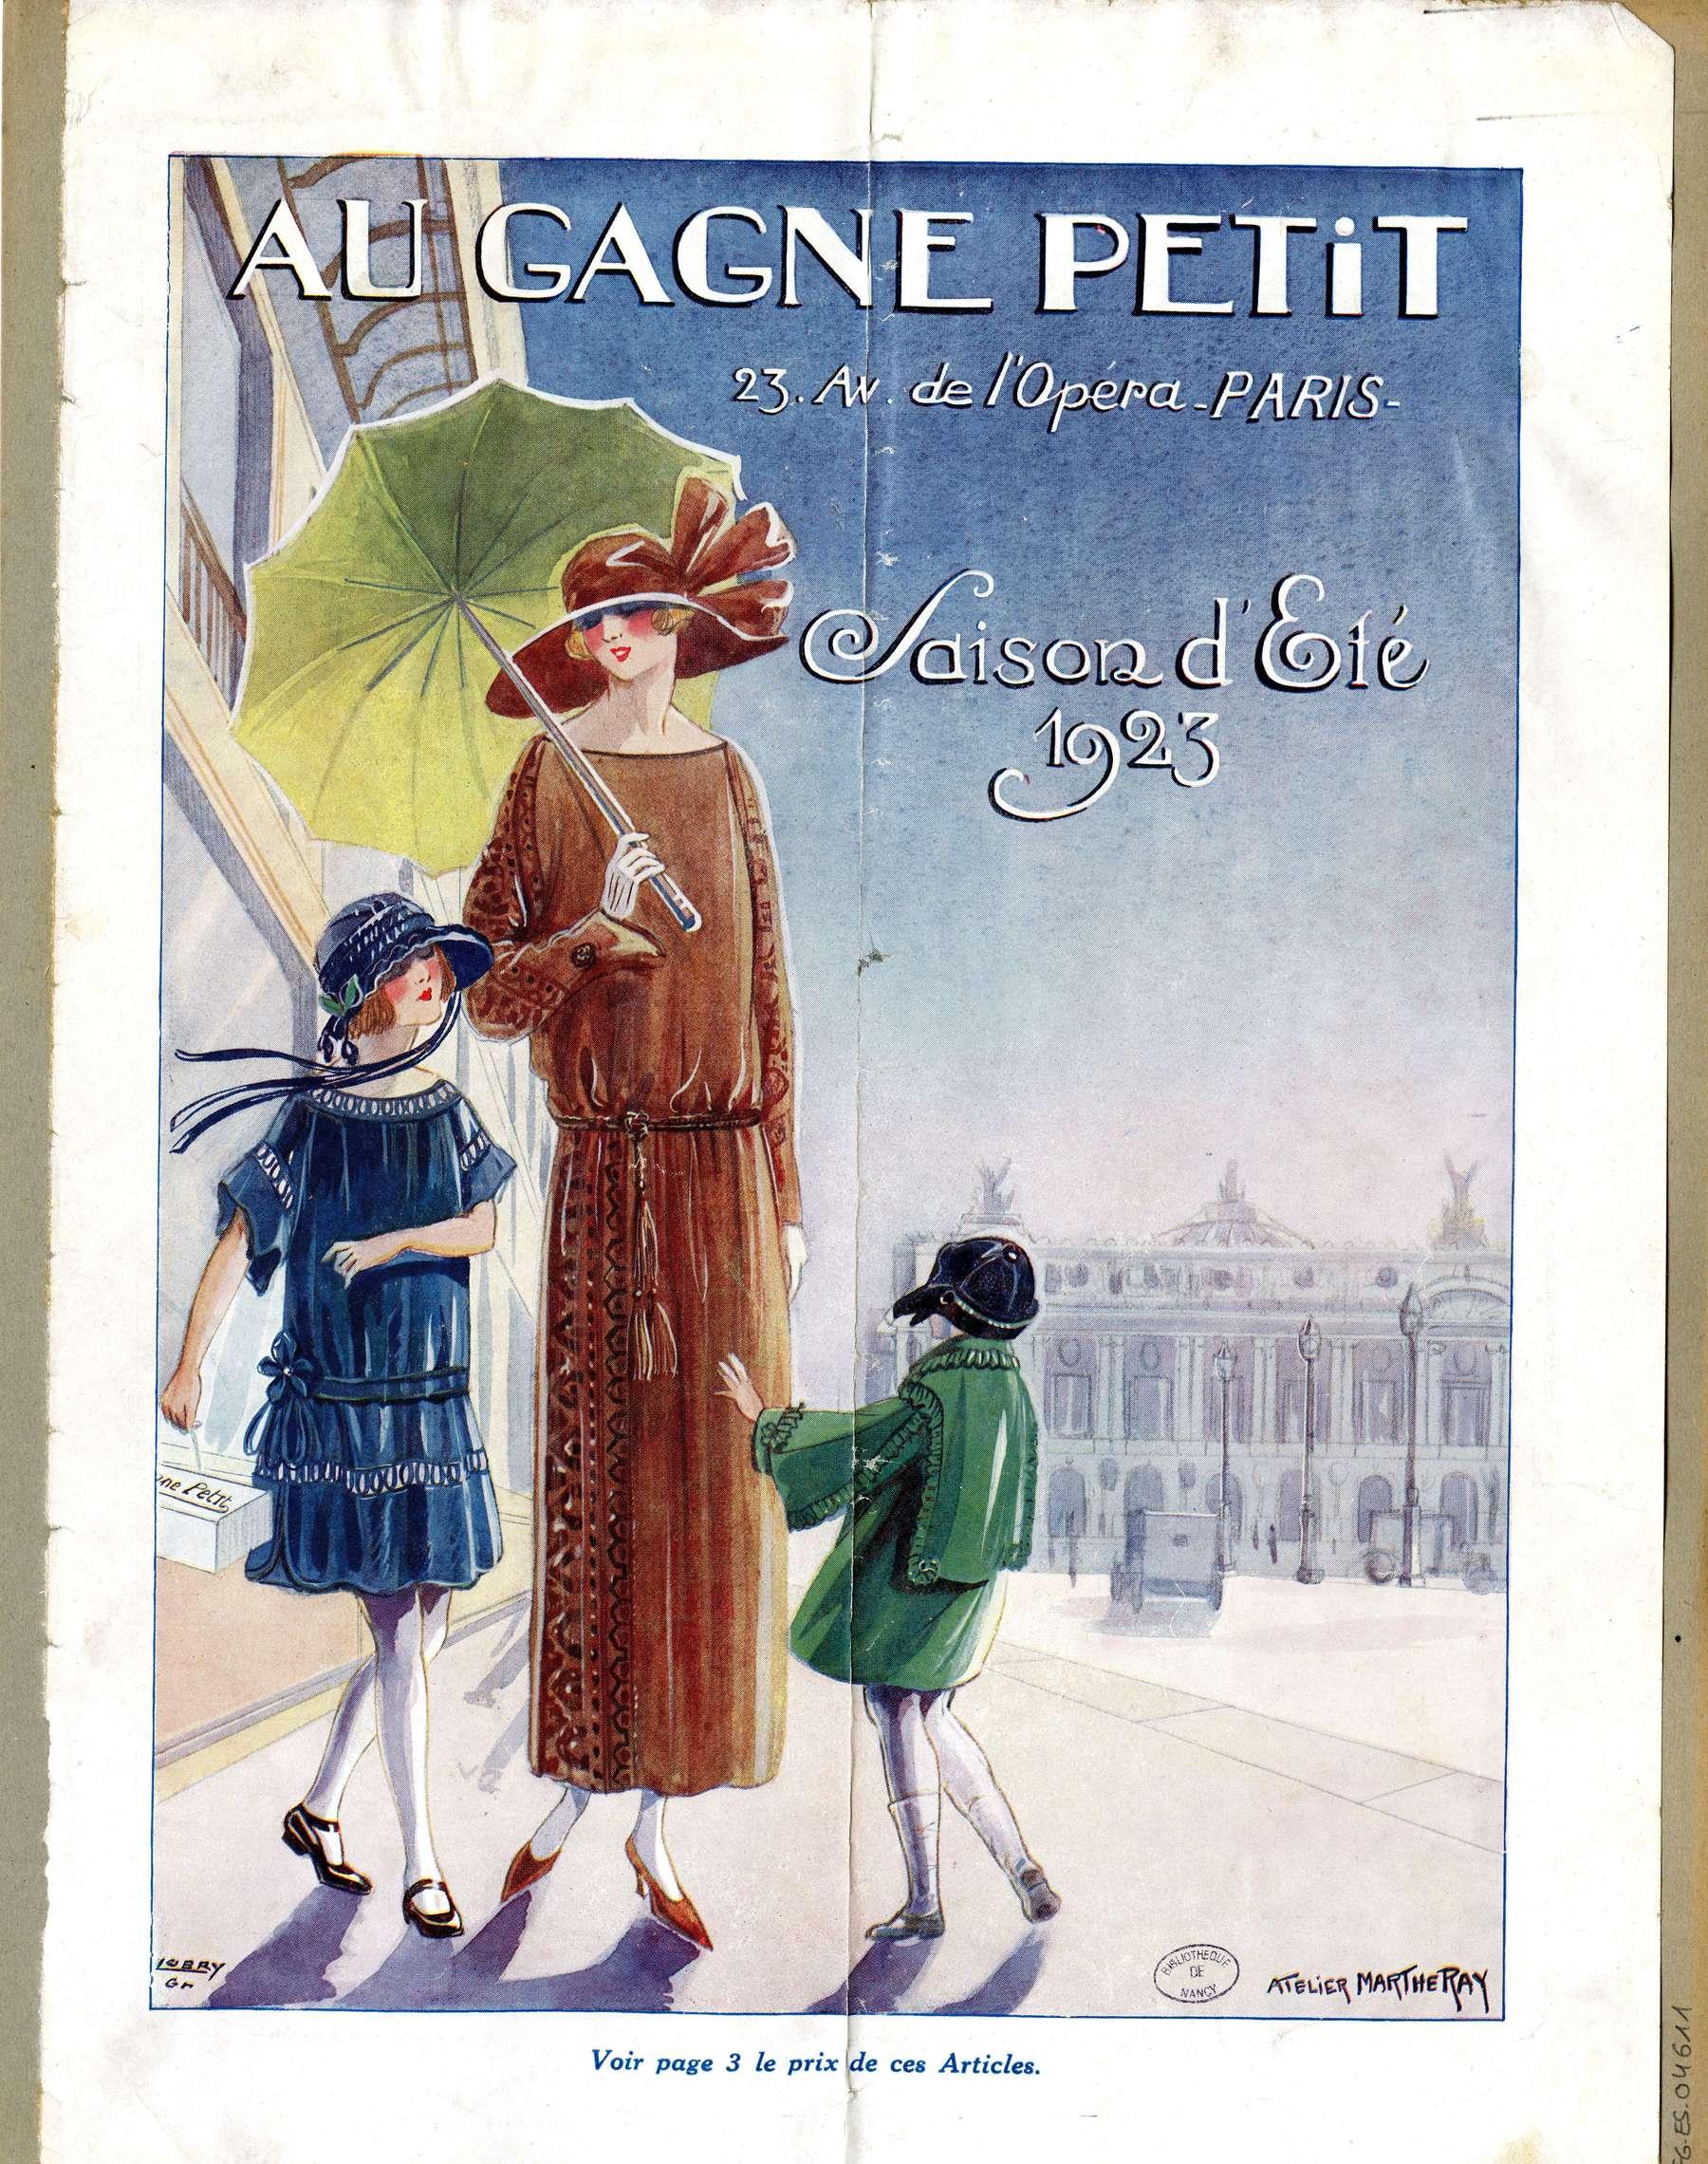 Contenu du Saison d'été 1923